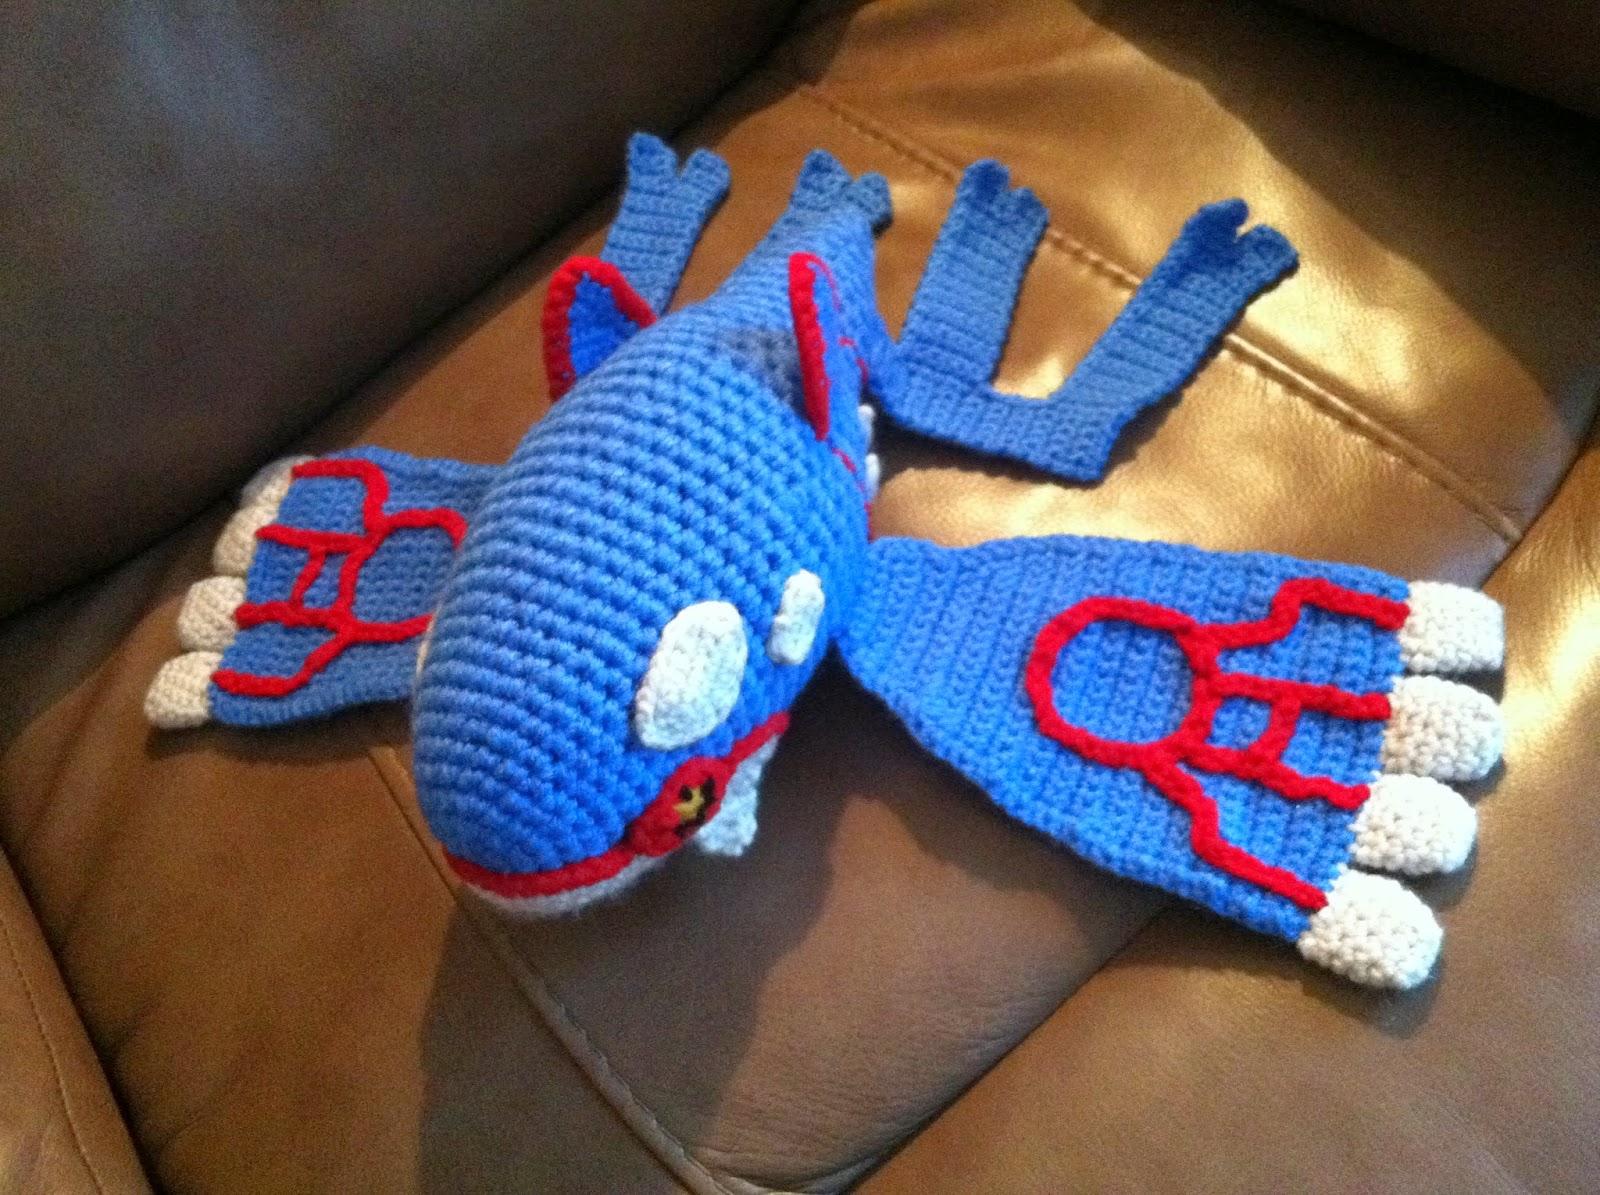 Plush Heart Knitting Pattern : Heart in Flight Crochet: Kyogre Crochet Plush Pattern